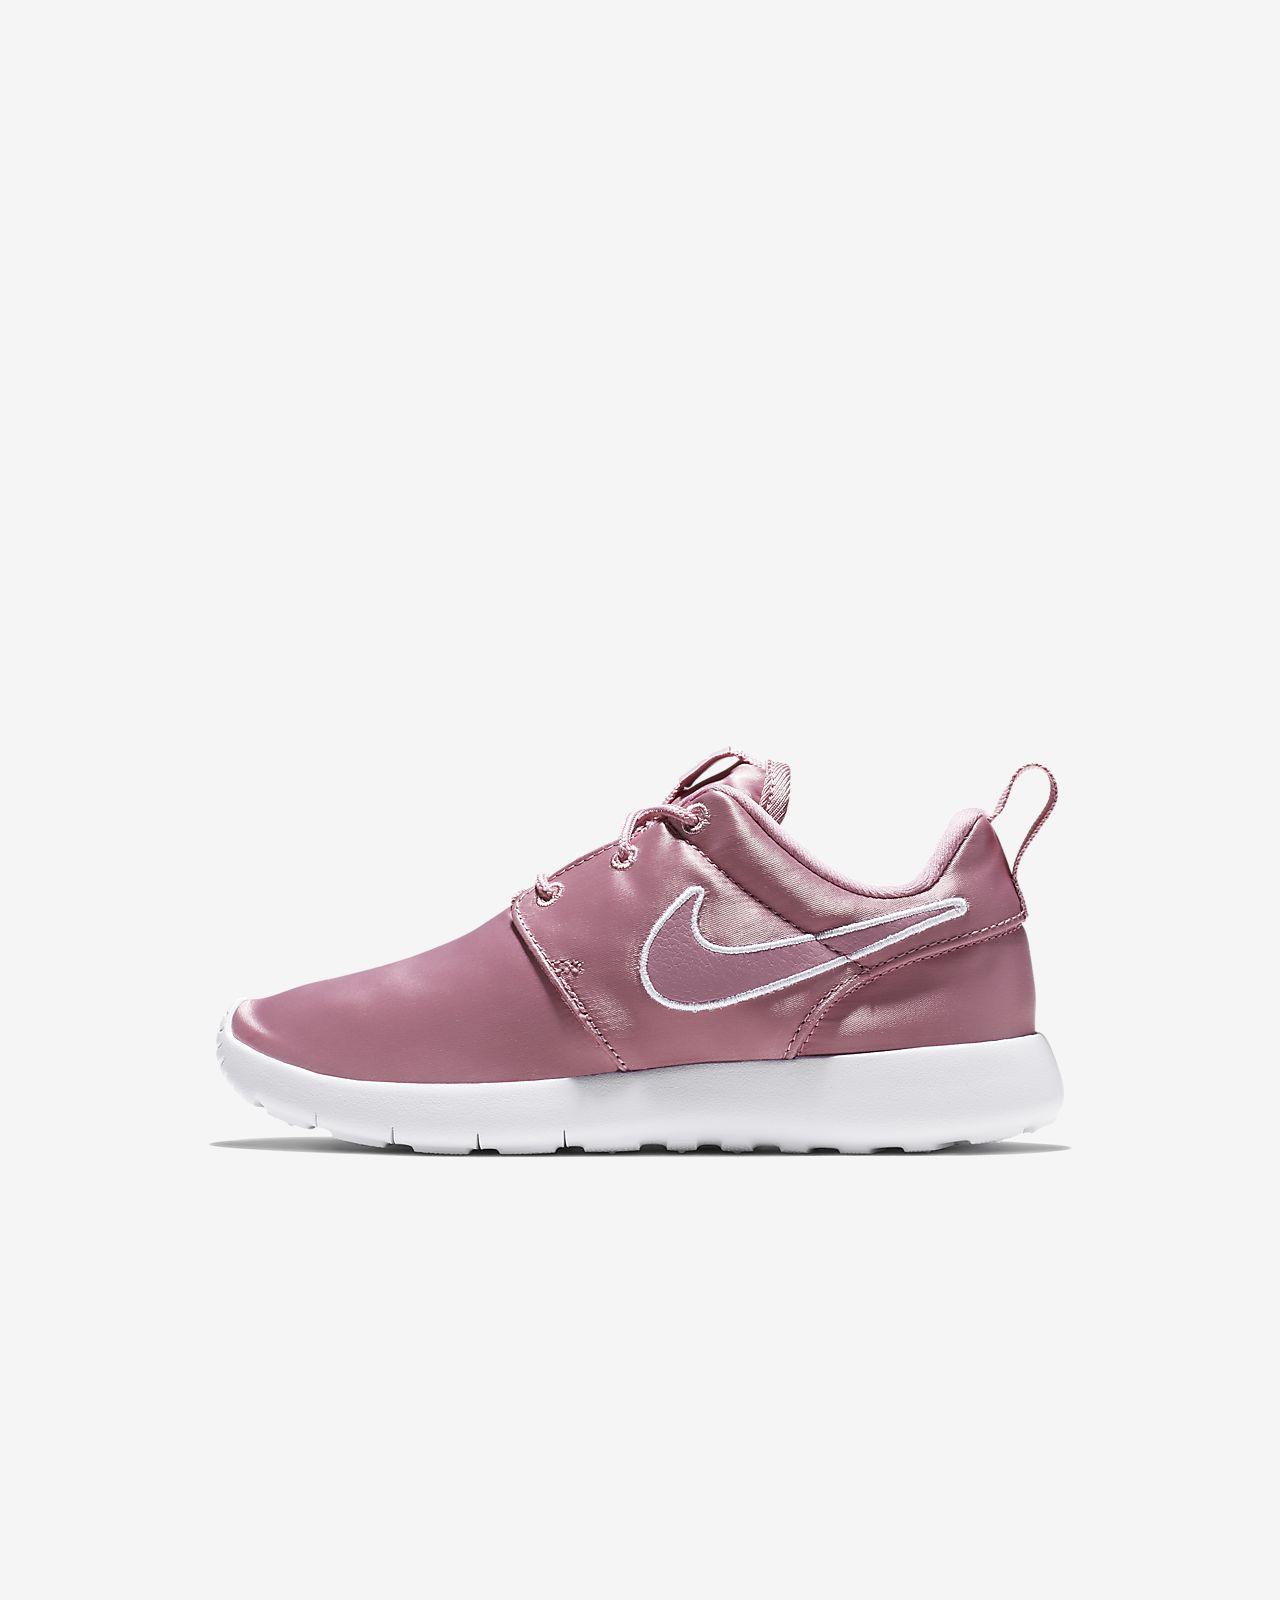 Nike Roshe One Little Kids' Shoe